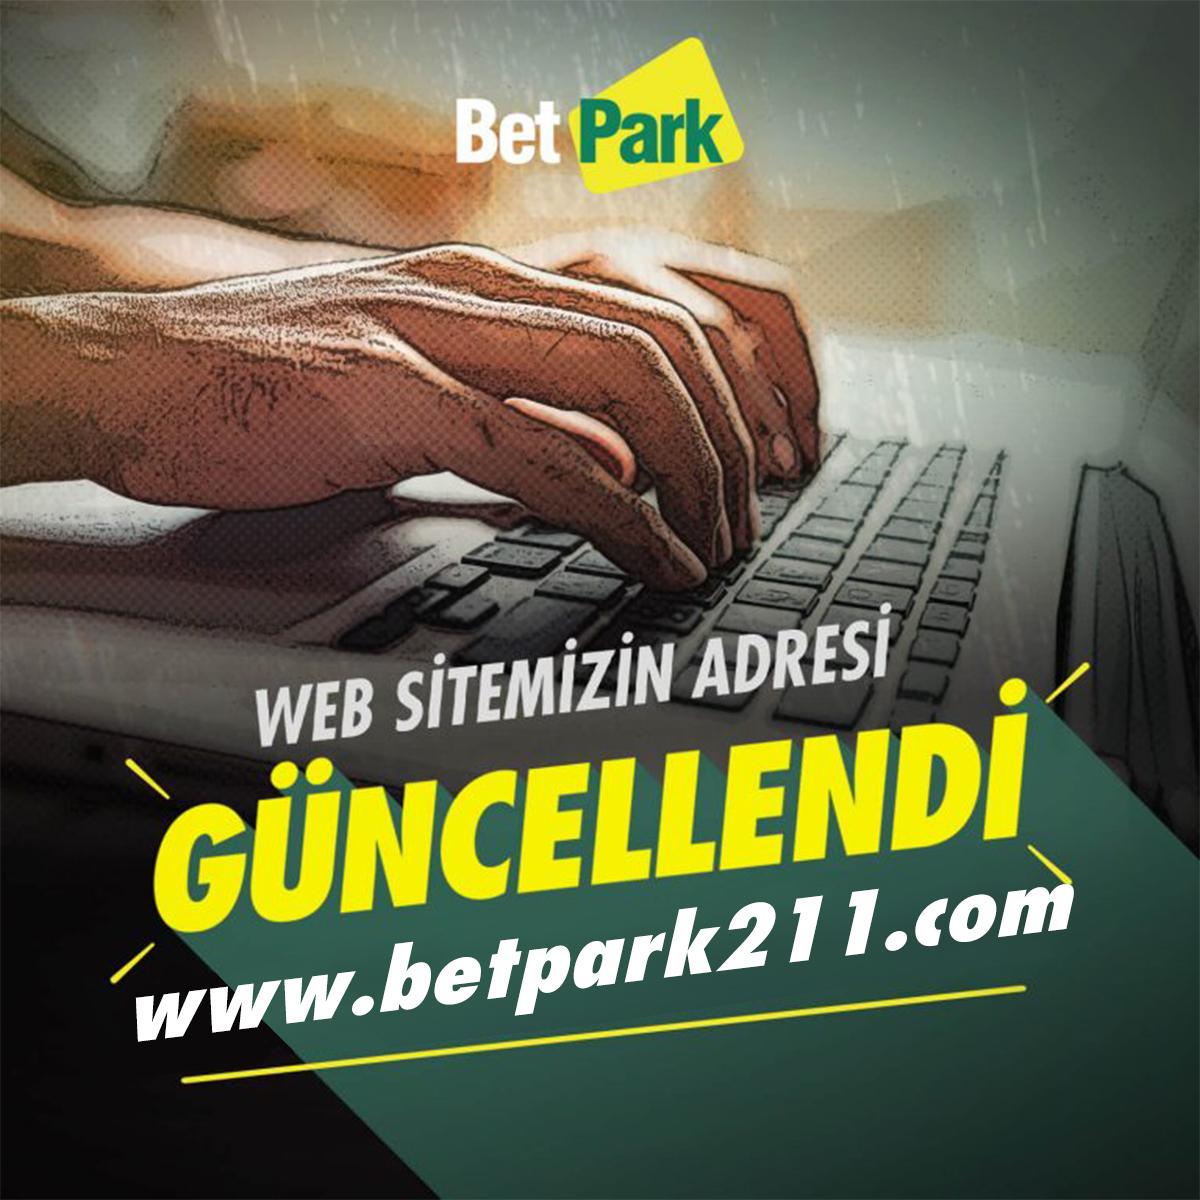 betpark, betpark giris, betpark211.com